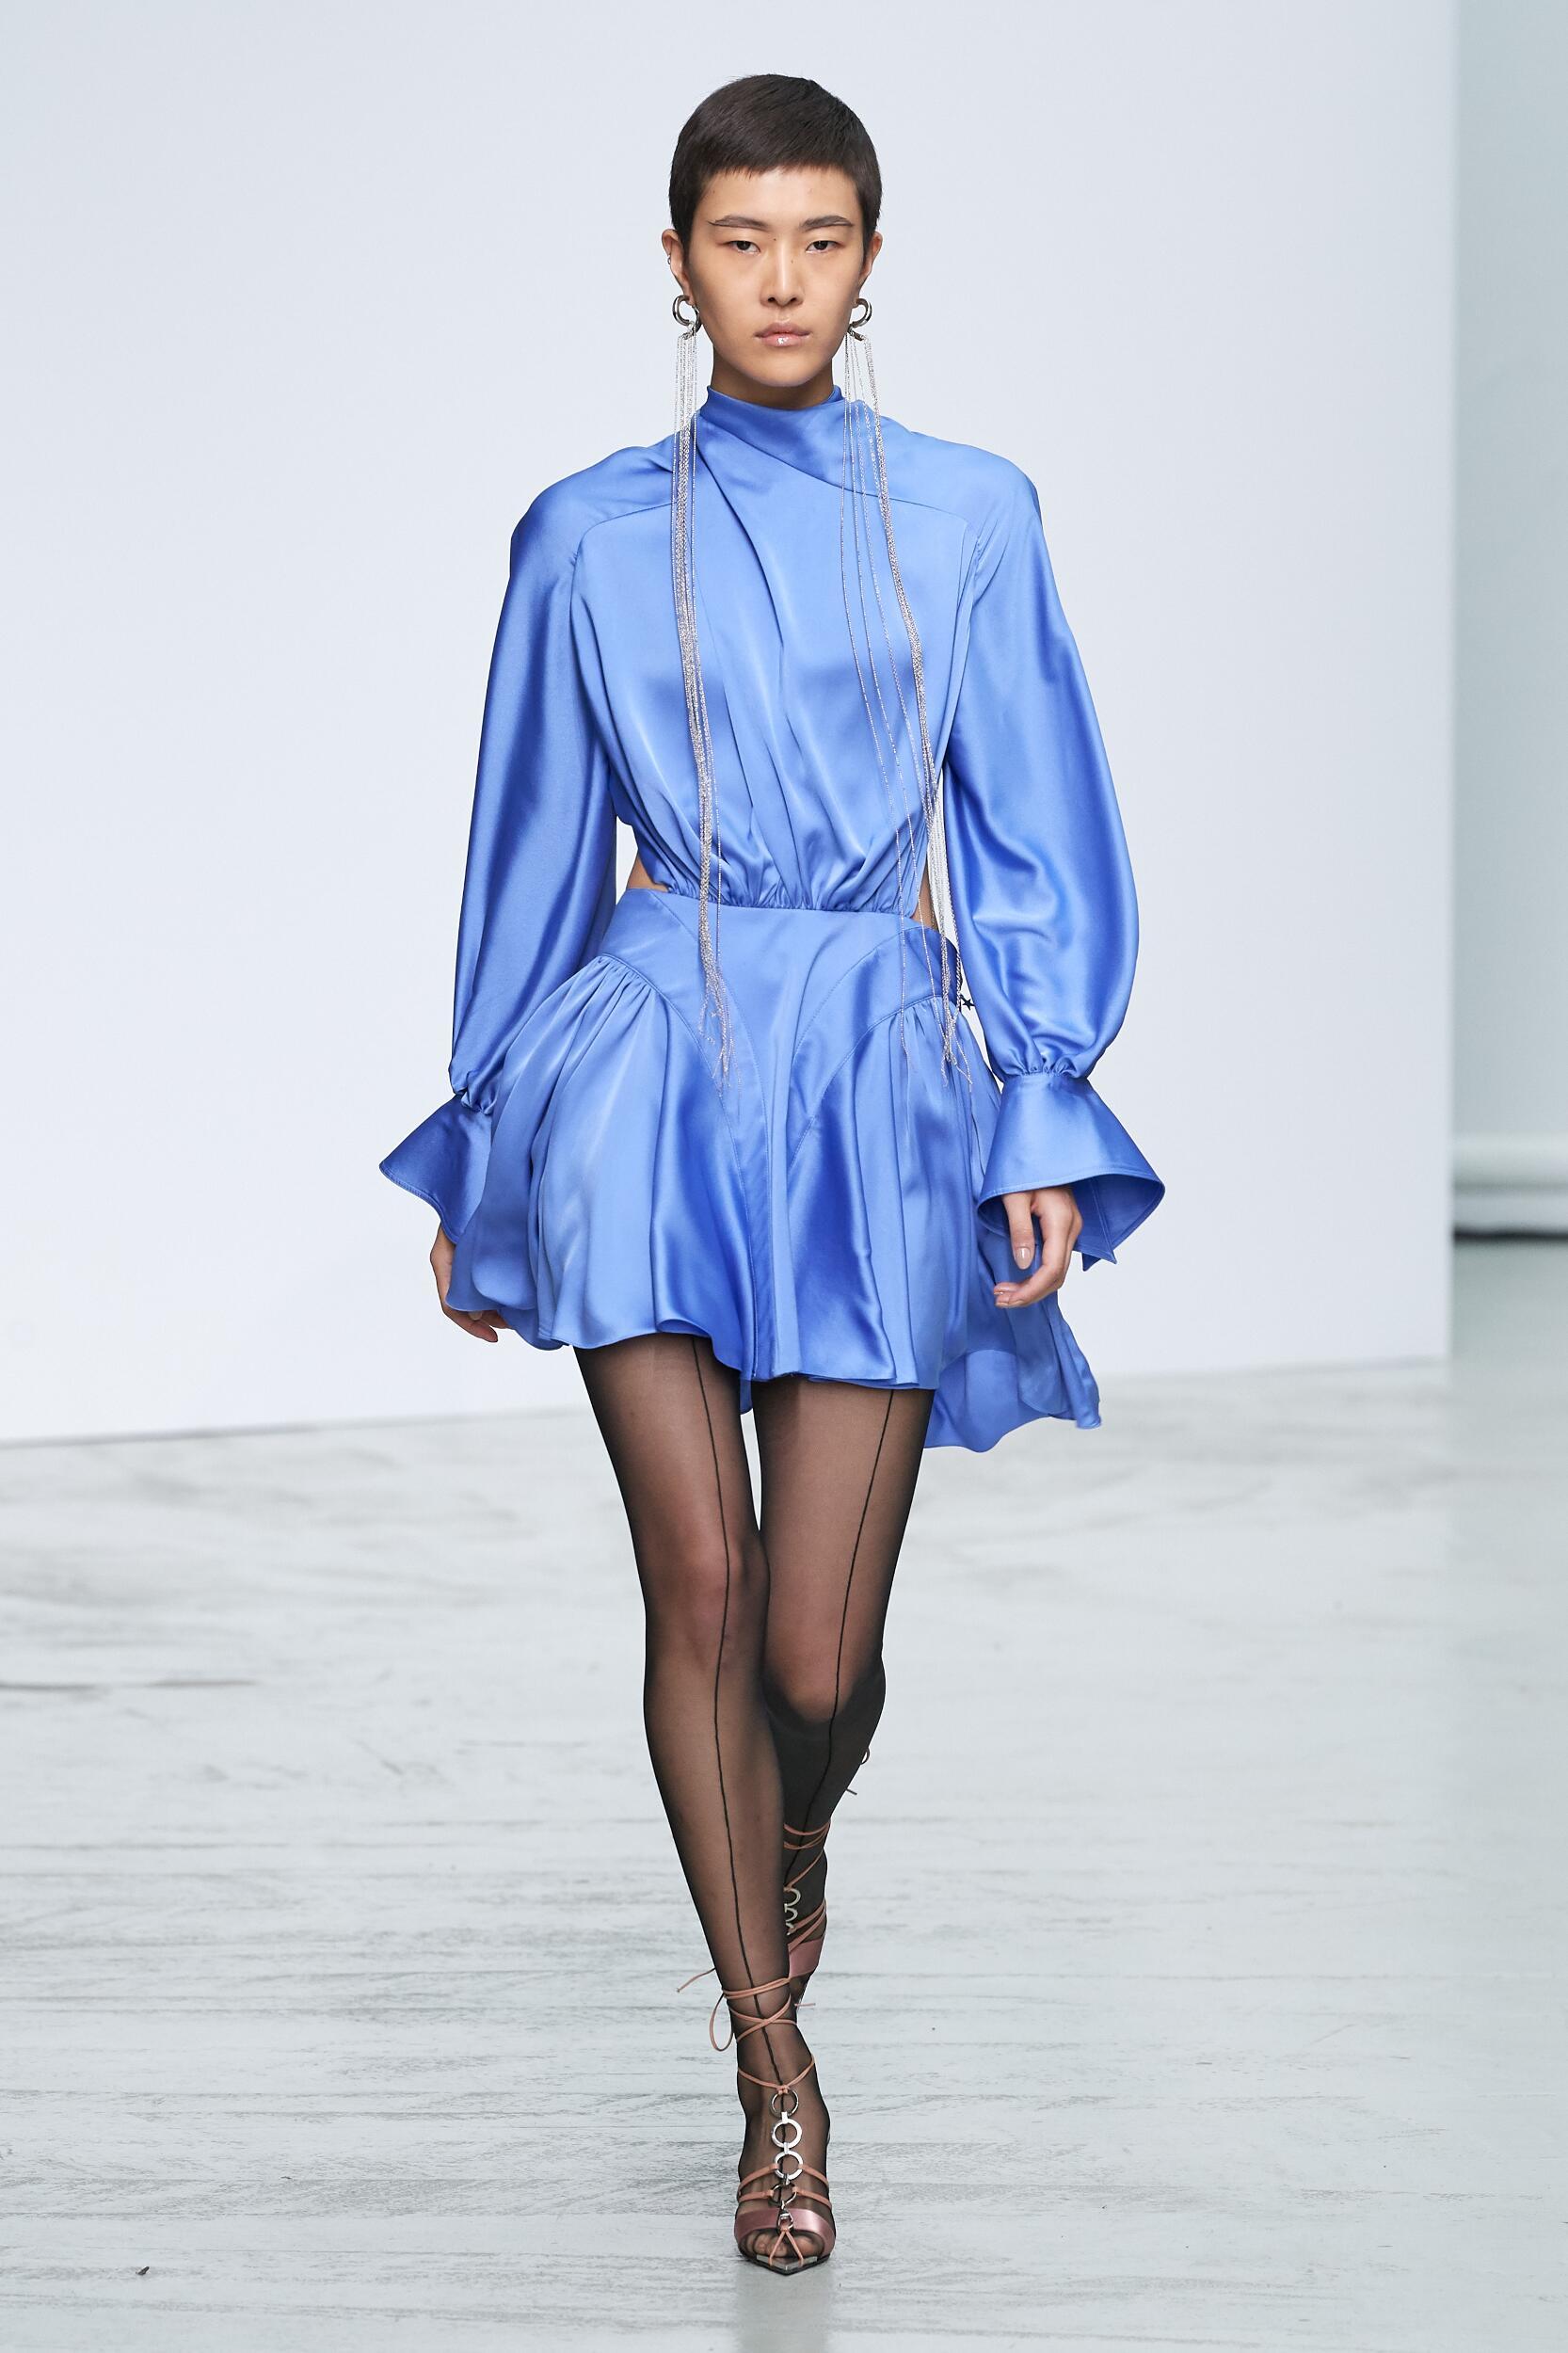 Fashion Model Mugler Catwalk